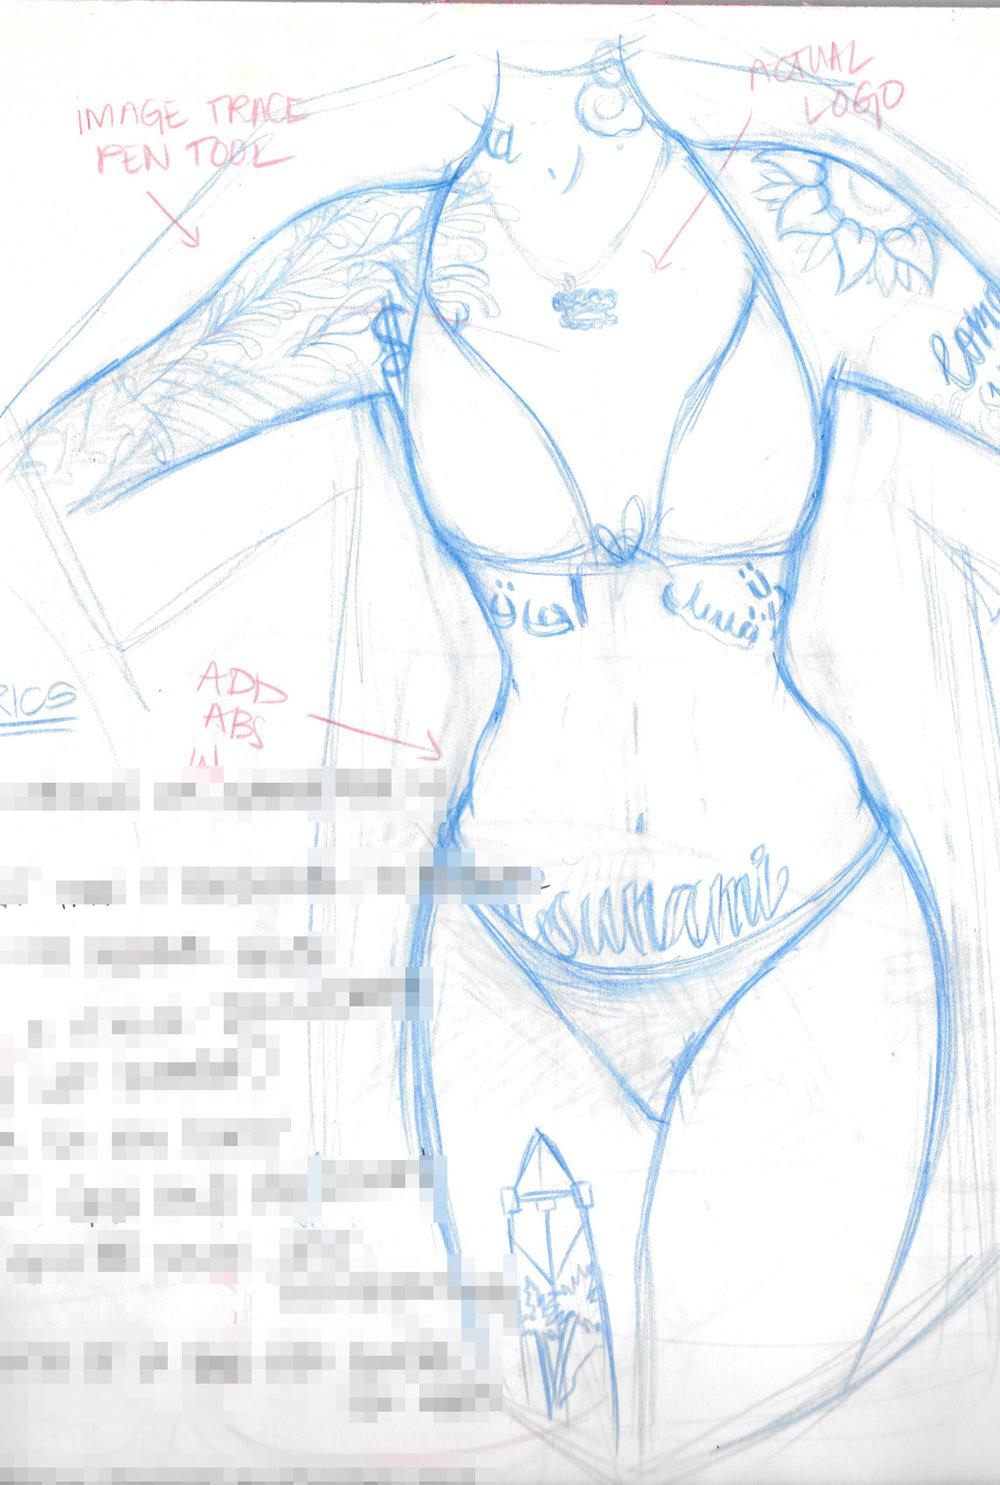 bikinisketch.jpg